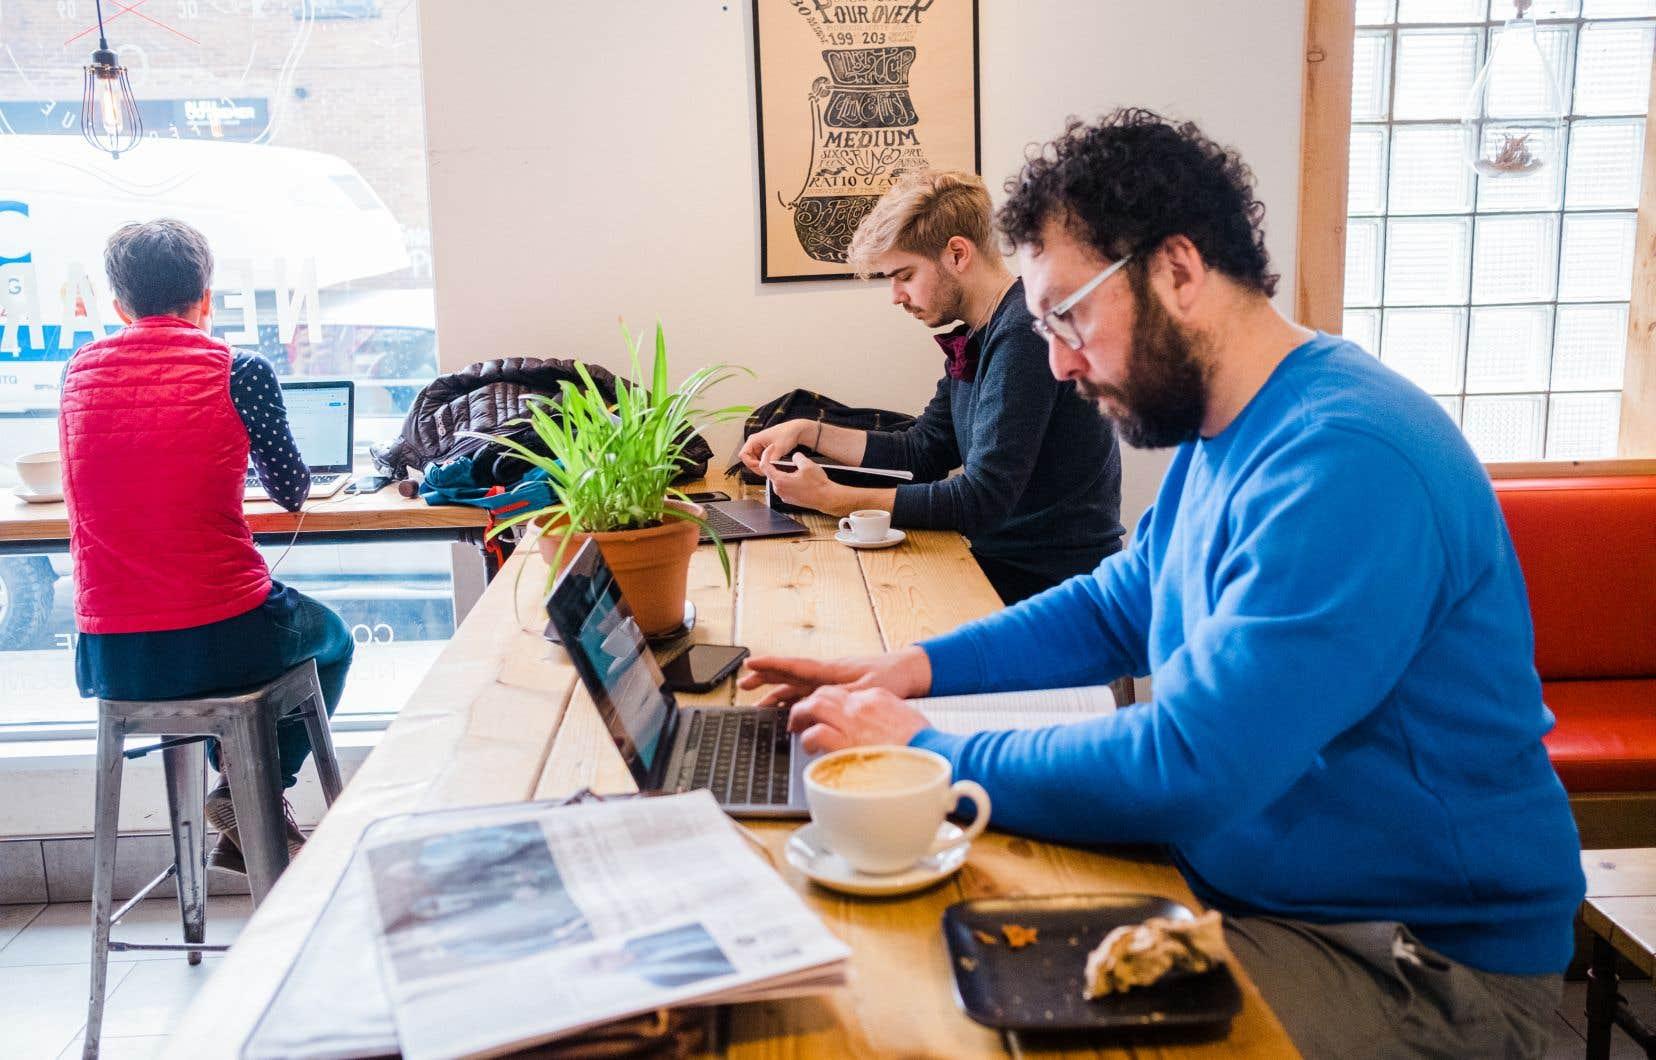 Avec l'essor du travail à domicile, de nombreux employés ne se sentent plus liés à un seul lieu de travail. Certains ne veulent pas du tout retourner au bureau, tandis que d'autres exigent un meilleur équilibre entre vie professionnelle et vie privée, selon un sondage.